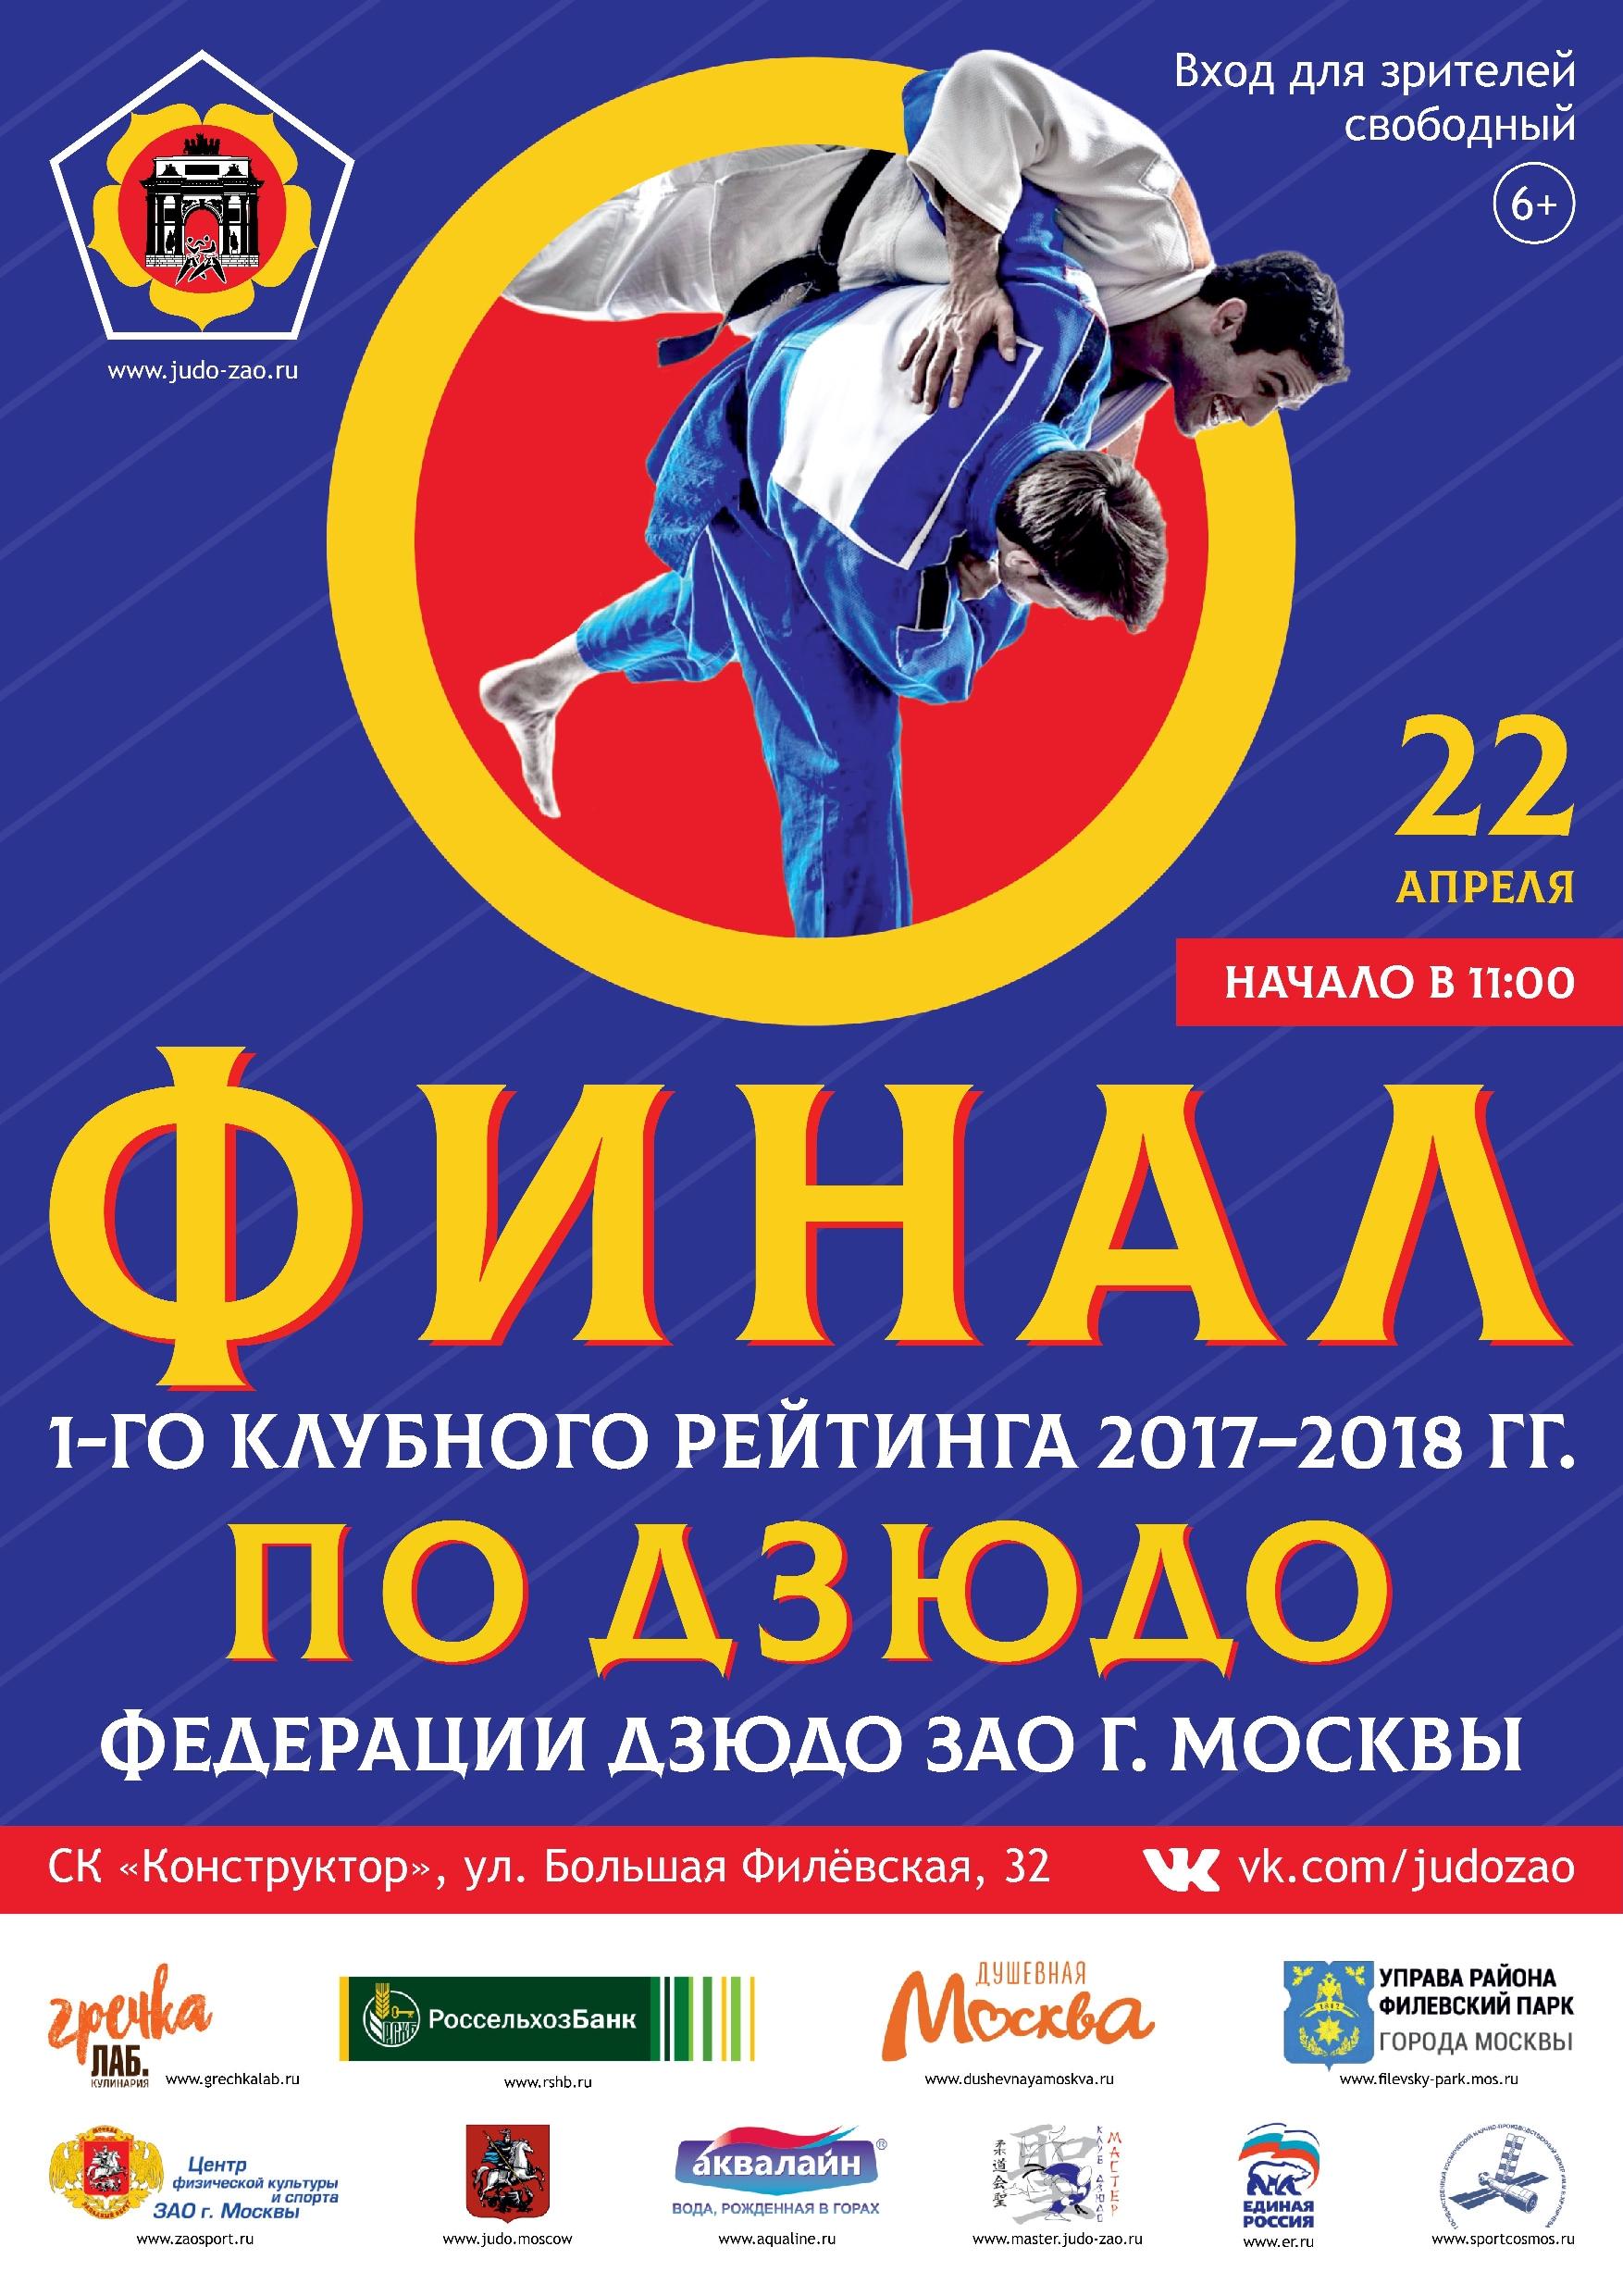 Дзюдо клубы москвы голосов клуб им зуева в москве